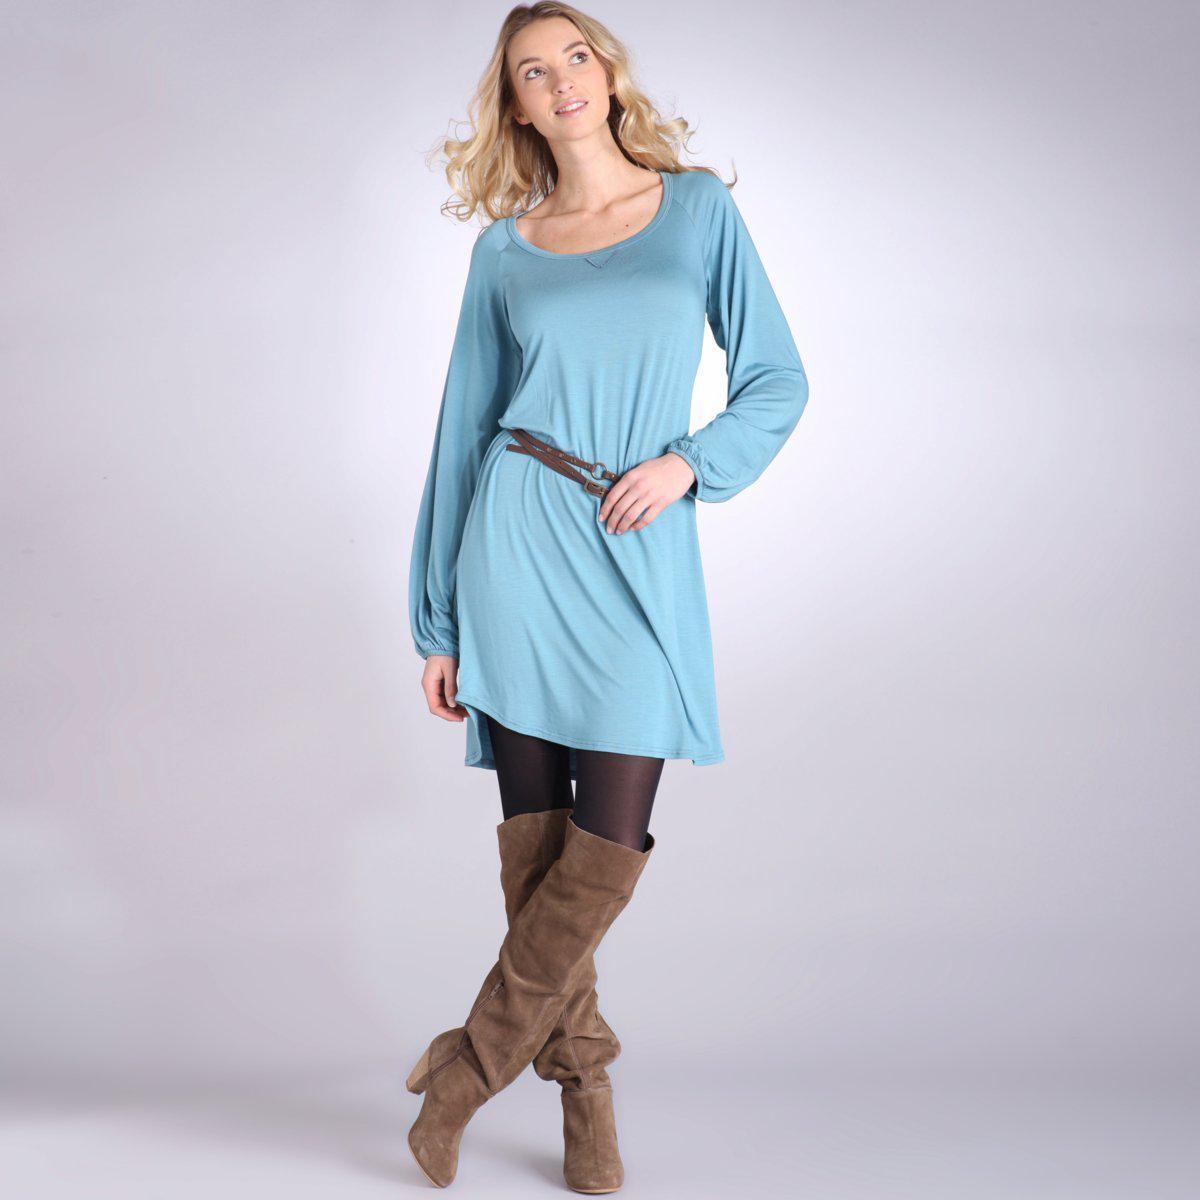 Βραδυνα Φορεματα LaRedoute Χειμώνας 2012 Κωδ. 324205491 25019a4d57d